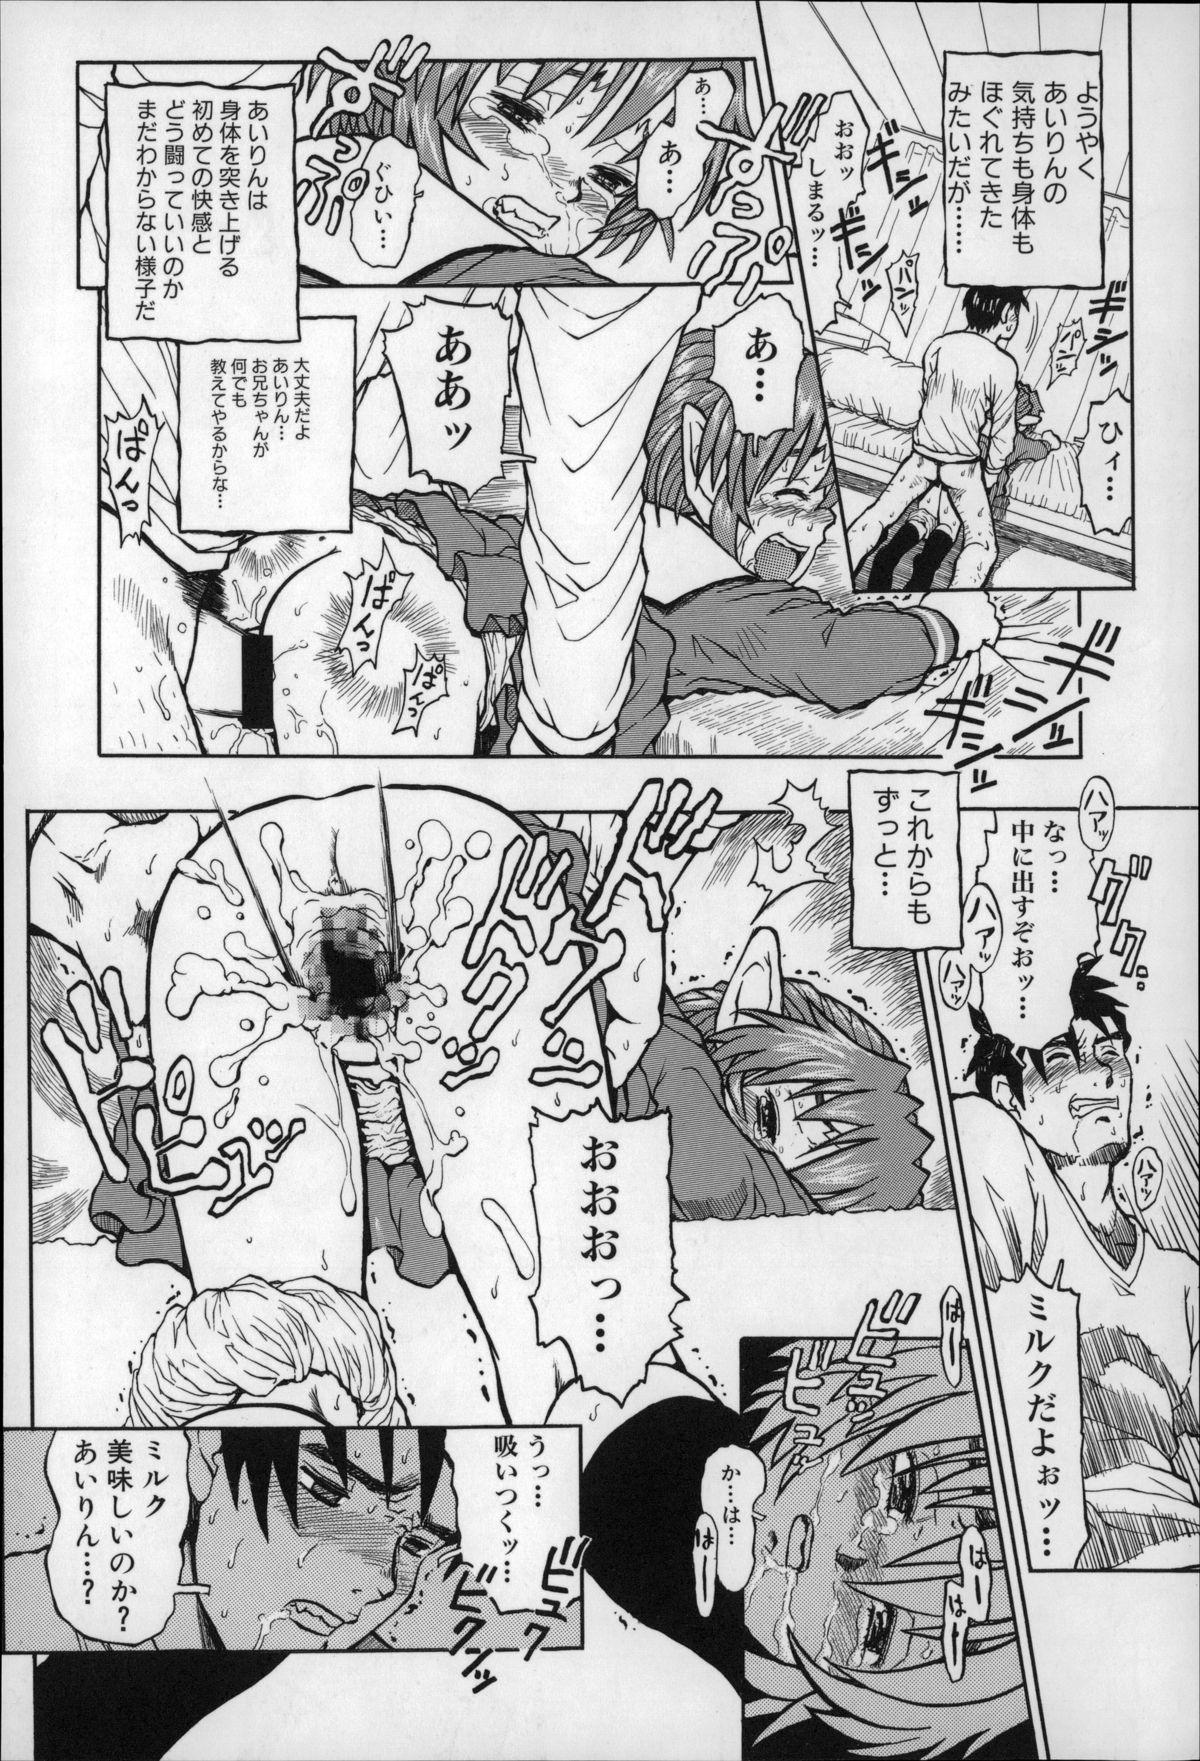 Otona wa Minaide! 100